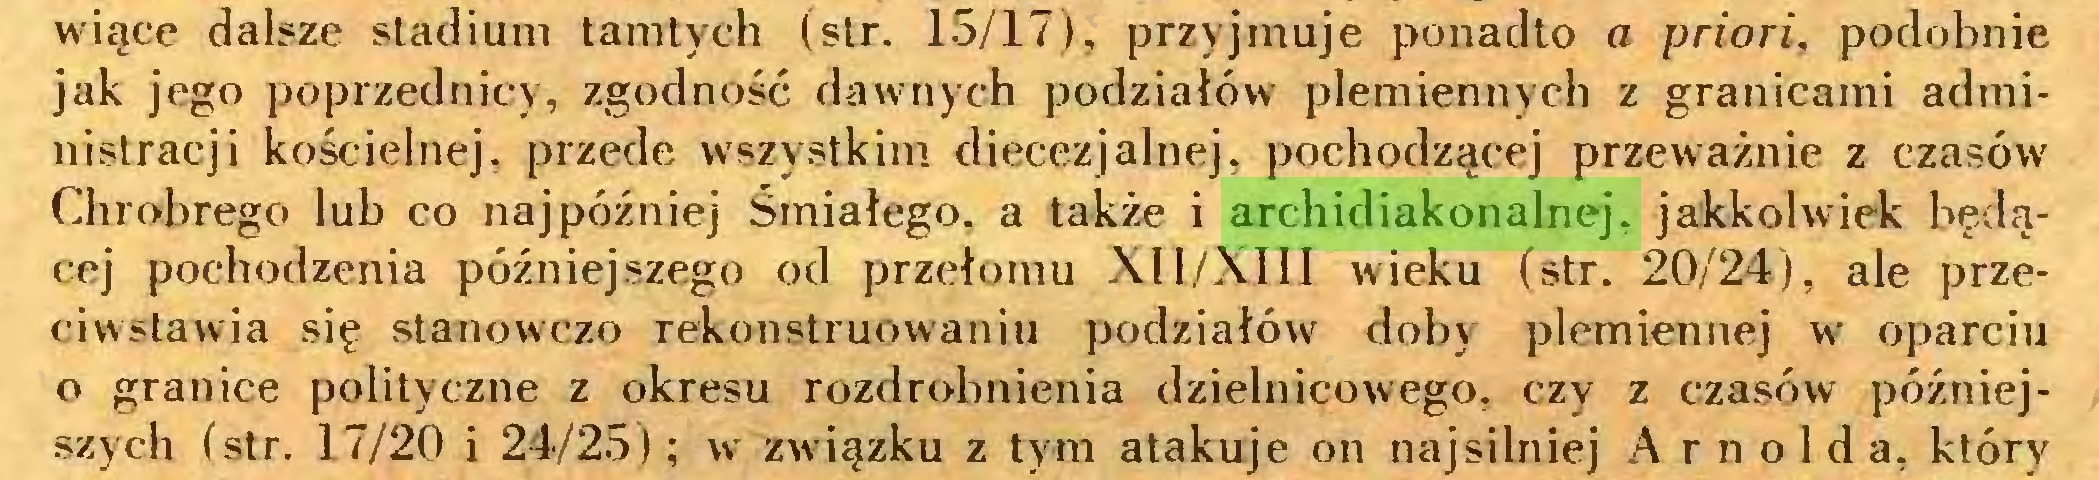 (...) wiące dalsze stadium tamtych (str. 15/17), przyjmuje ponadto a priori, podobnie jak jego poprzednicy, zgodność dawnych podziałów plemiennych z granicami administracji kościelnej, przede wszystkim diecezjalnej, pochodzącej przeważnie z czasów Chrobrego lub co najpóźniej Śmiałego, a także i archidiakonalnej, jakkolwiek będącej pochodzenia późniejszego od przełomu XI1/XI1I wieku (str. 20/24), ale przeciwstawia się stanow'czo rekonstruowaniu podziałów doby plemiennej wr oparciu o granice polityczne z okresu rozdrobnienia dzielnicowego, czy z czasów późniejszych (str. 17/20 i 24/25); w związku z tym atakuje on najsilniej Arnolda, który...